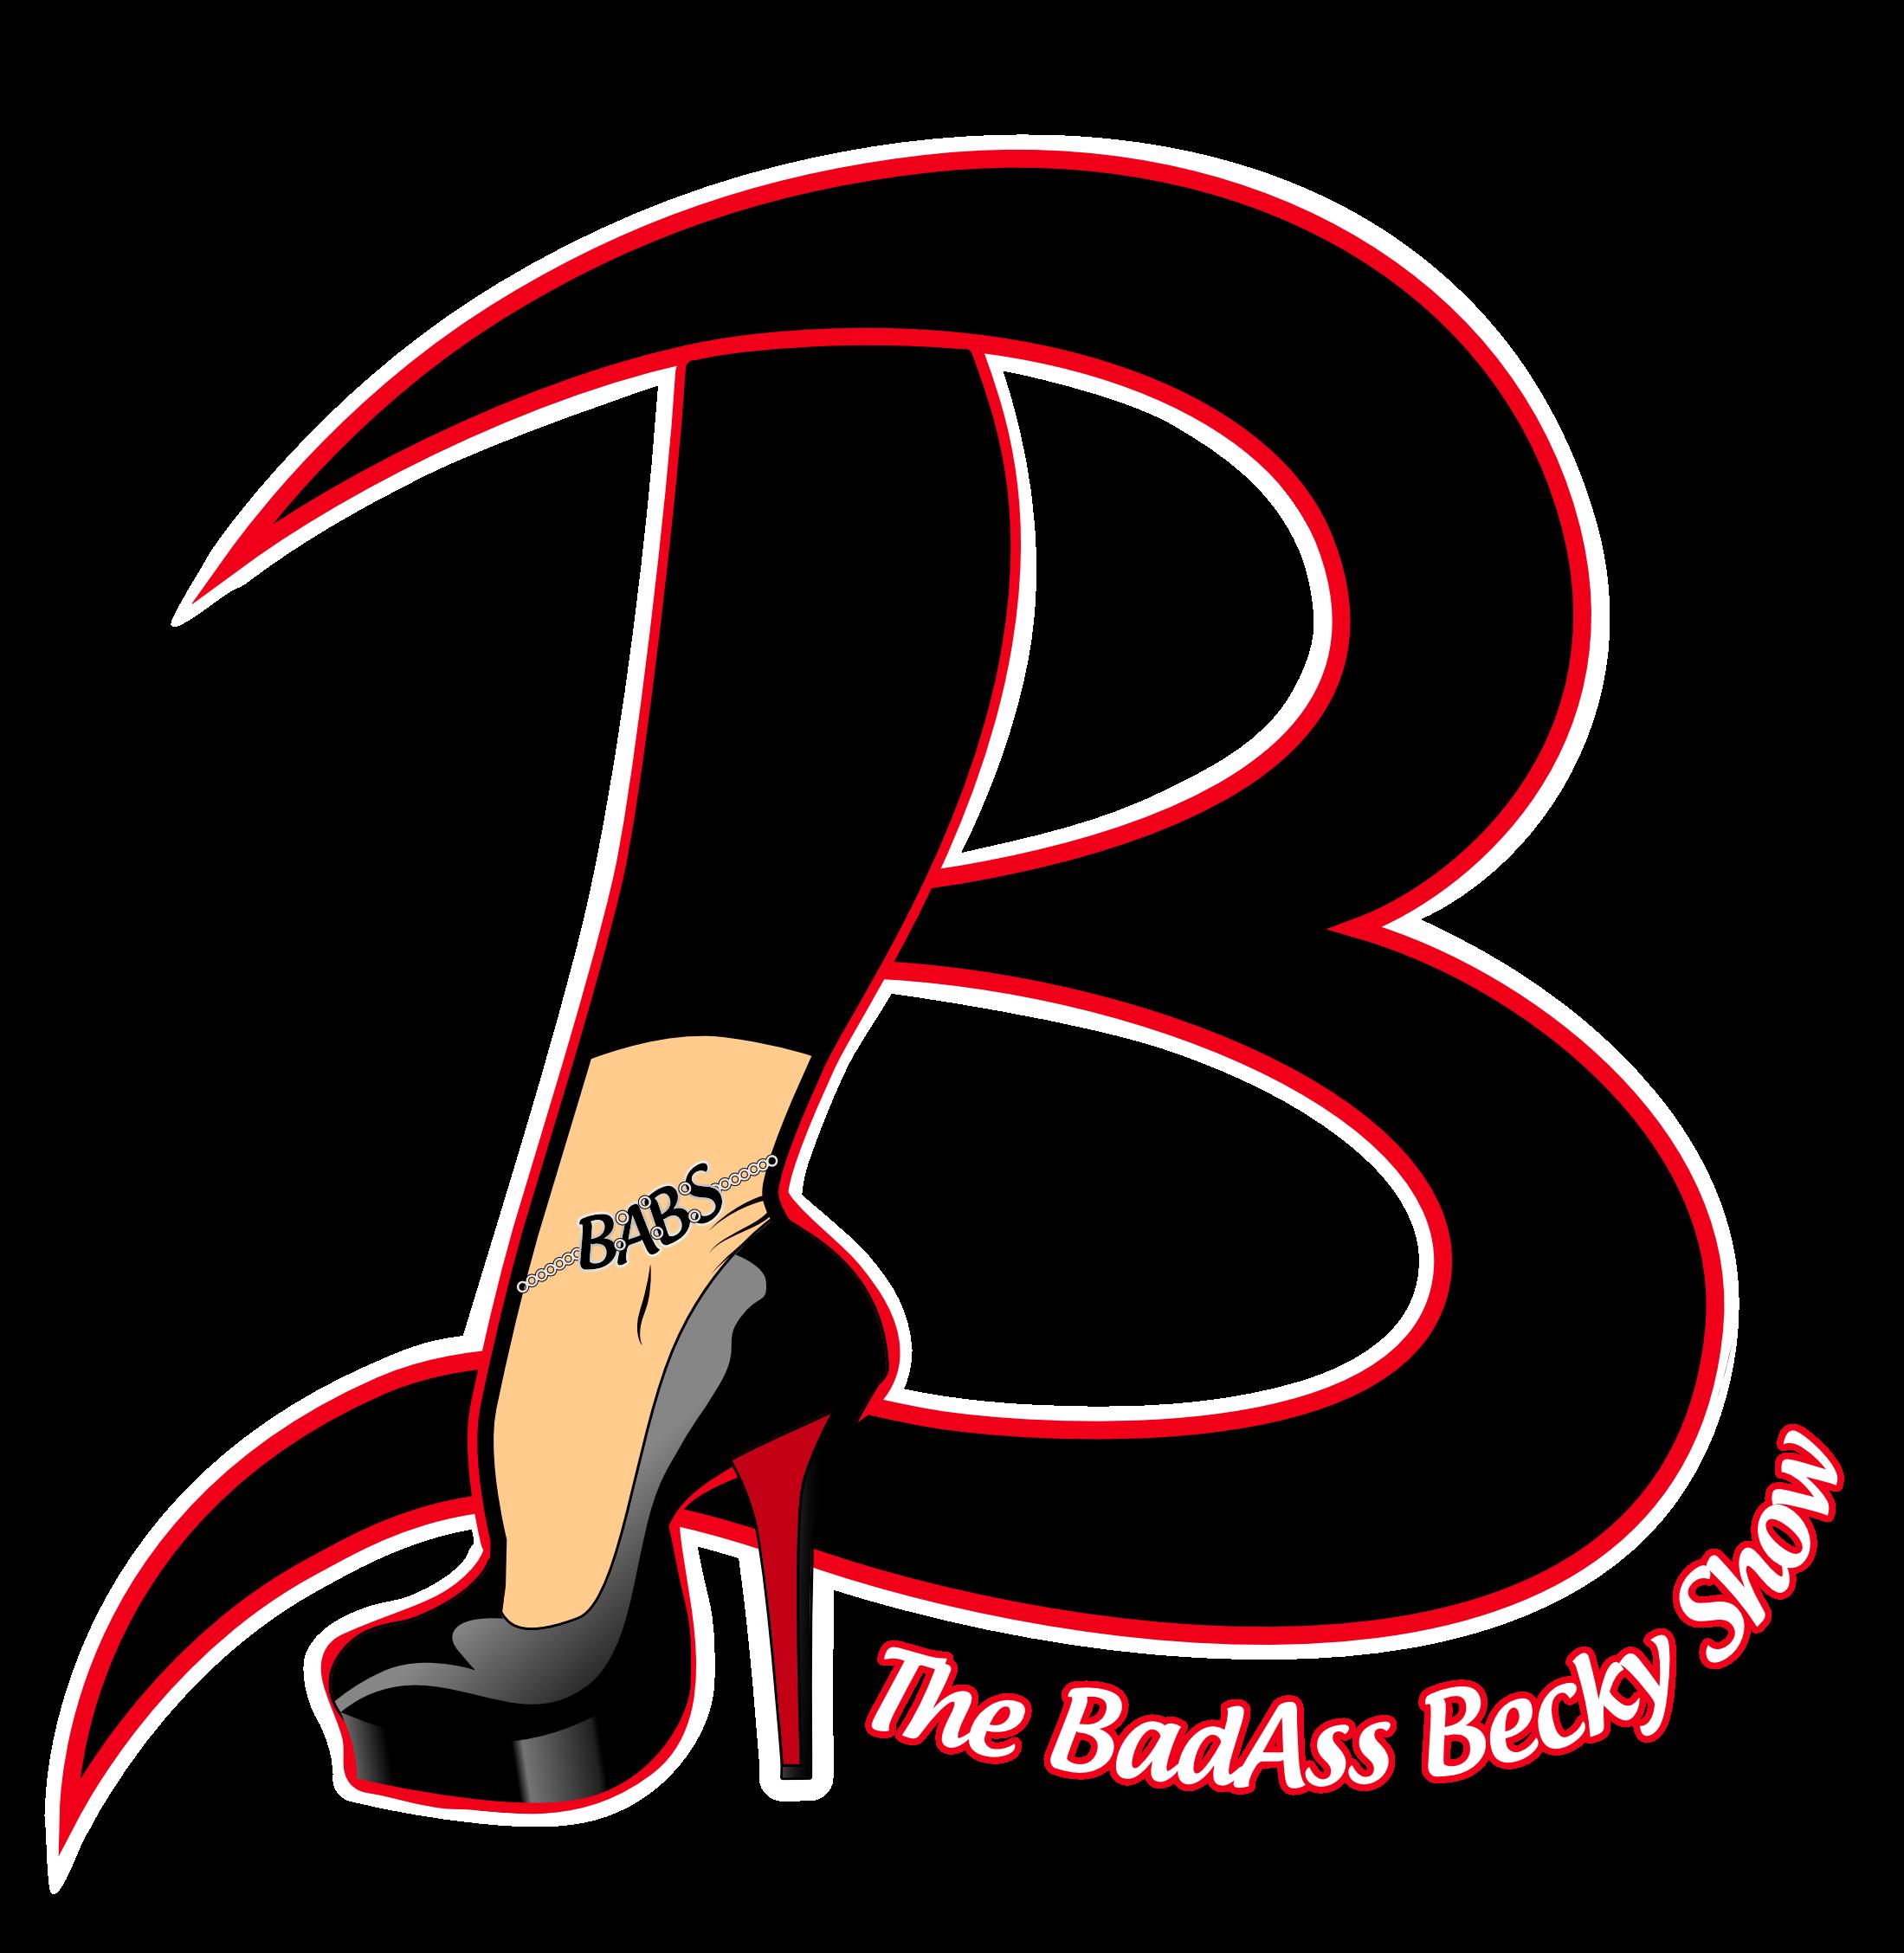 The BadAss Becky Show